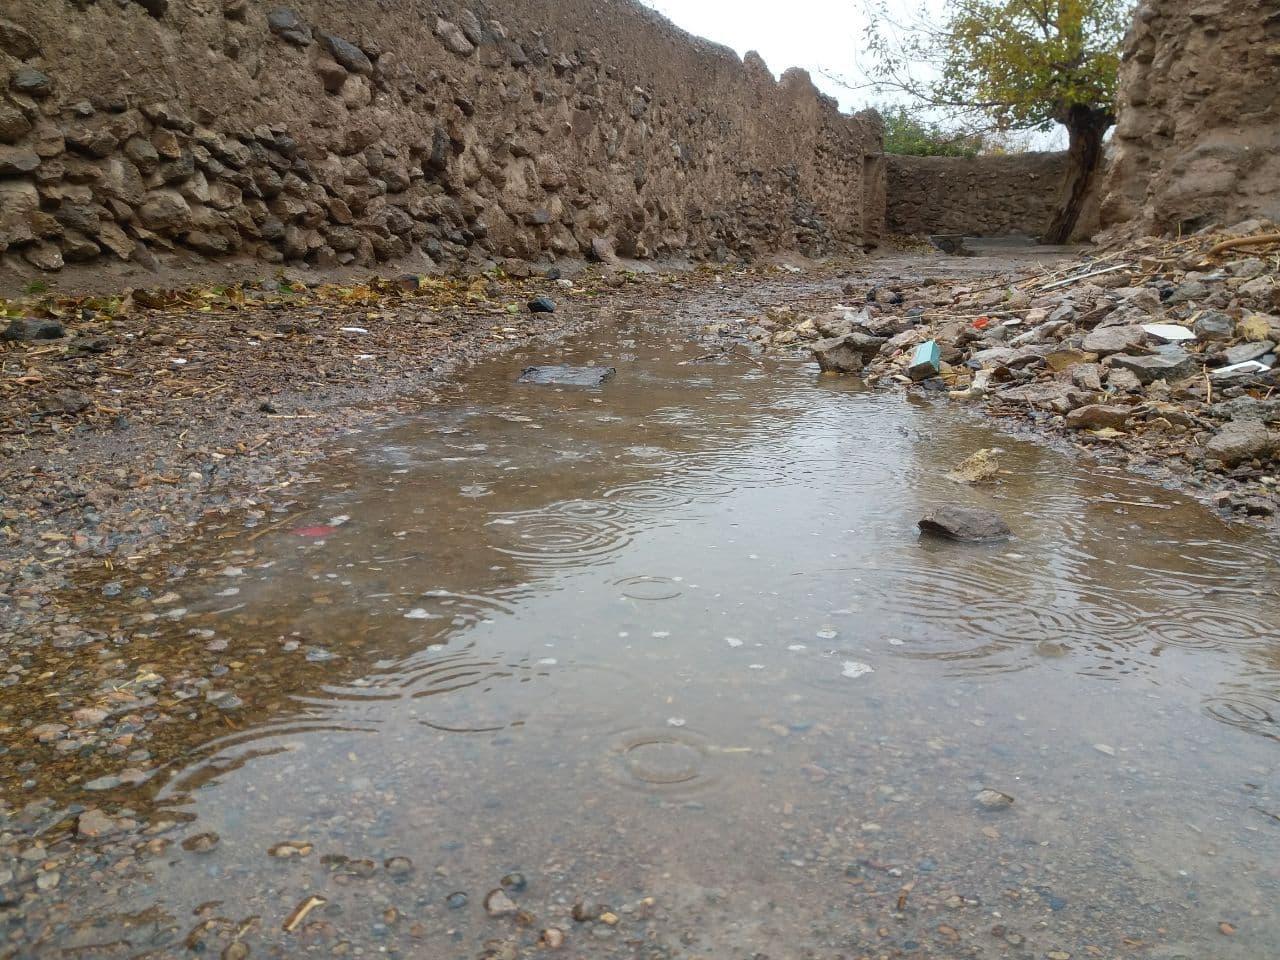 تداوم بارشهای پاییزی در استان یزد